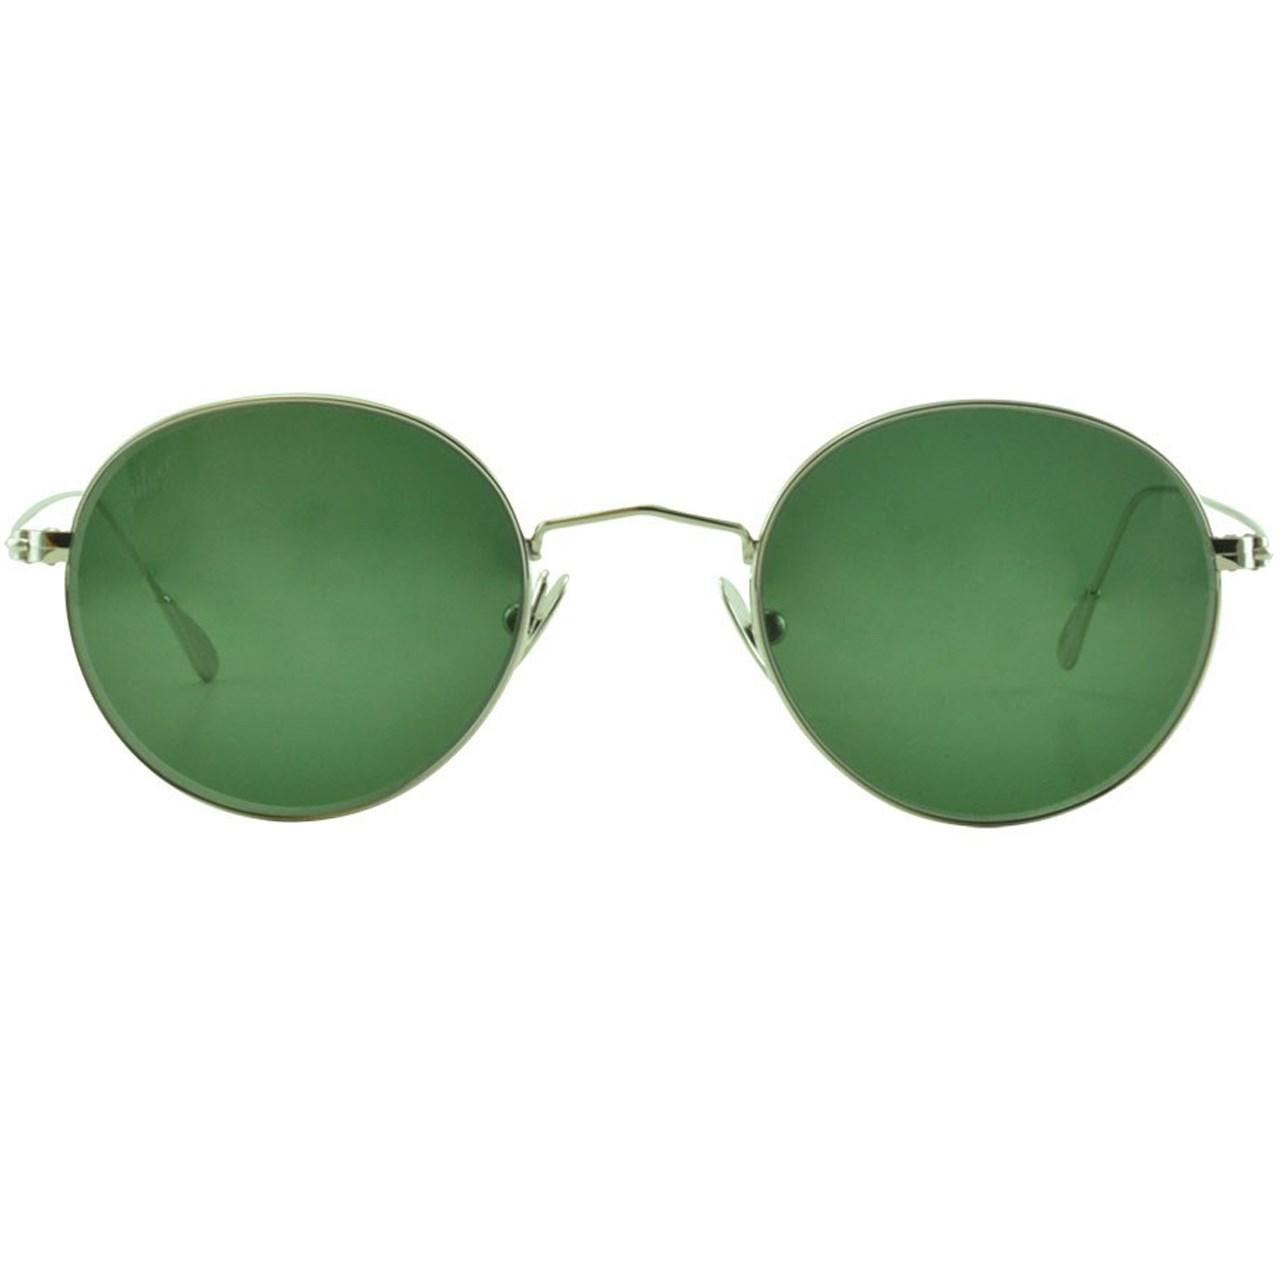 عینک آفتابی Nik03 سری Silver مدل Nk1103 Spl